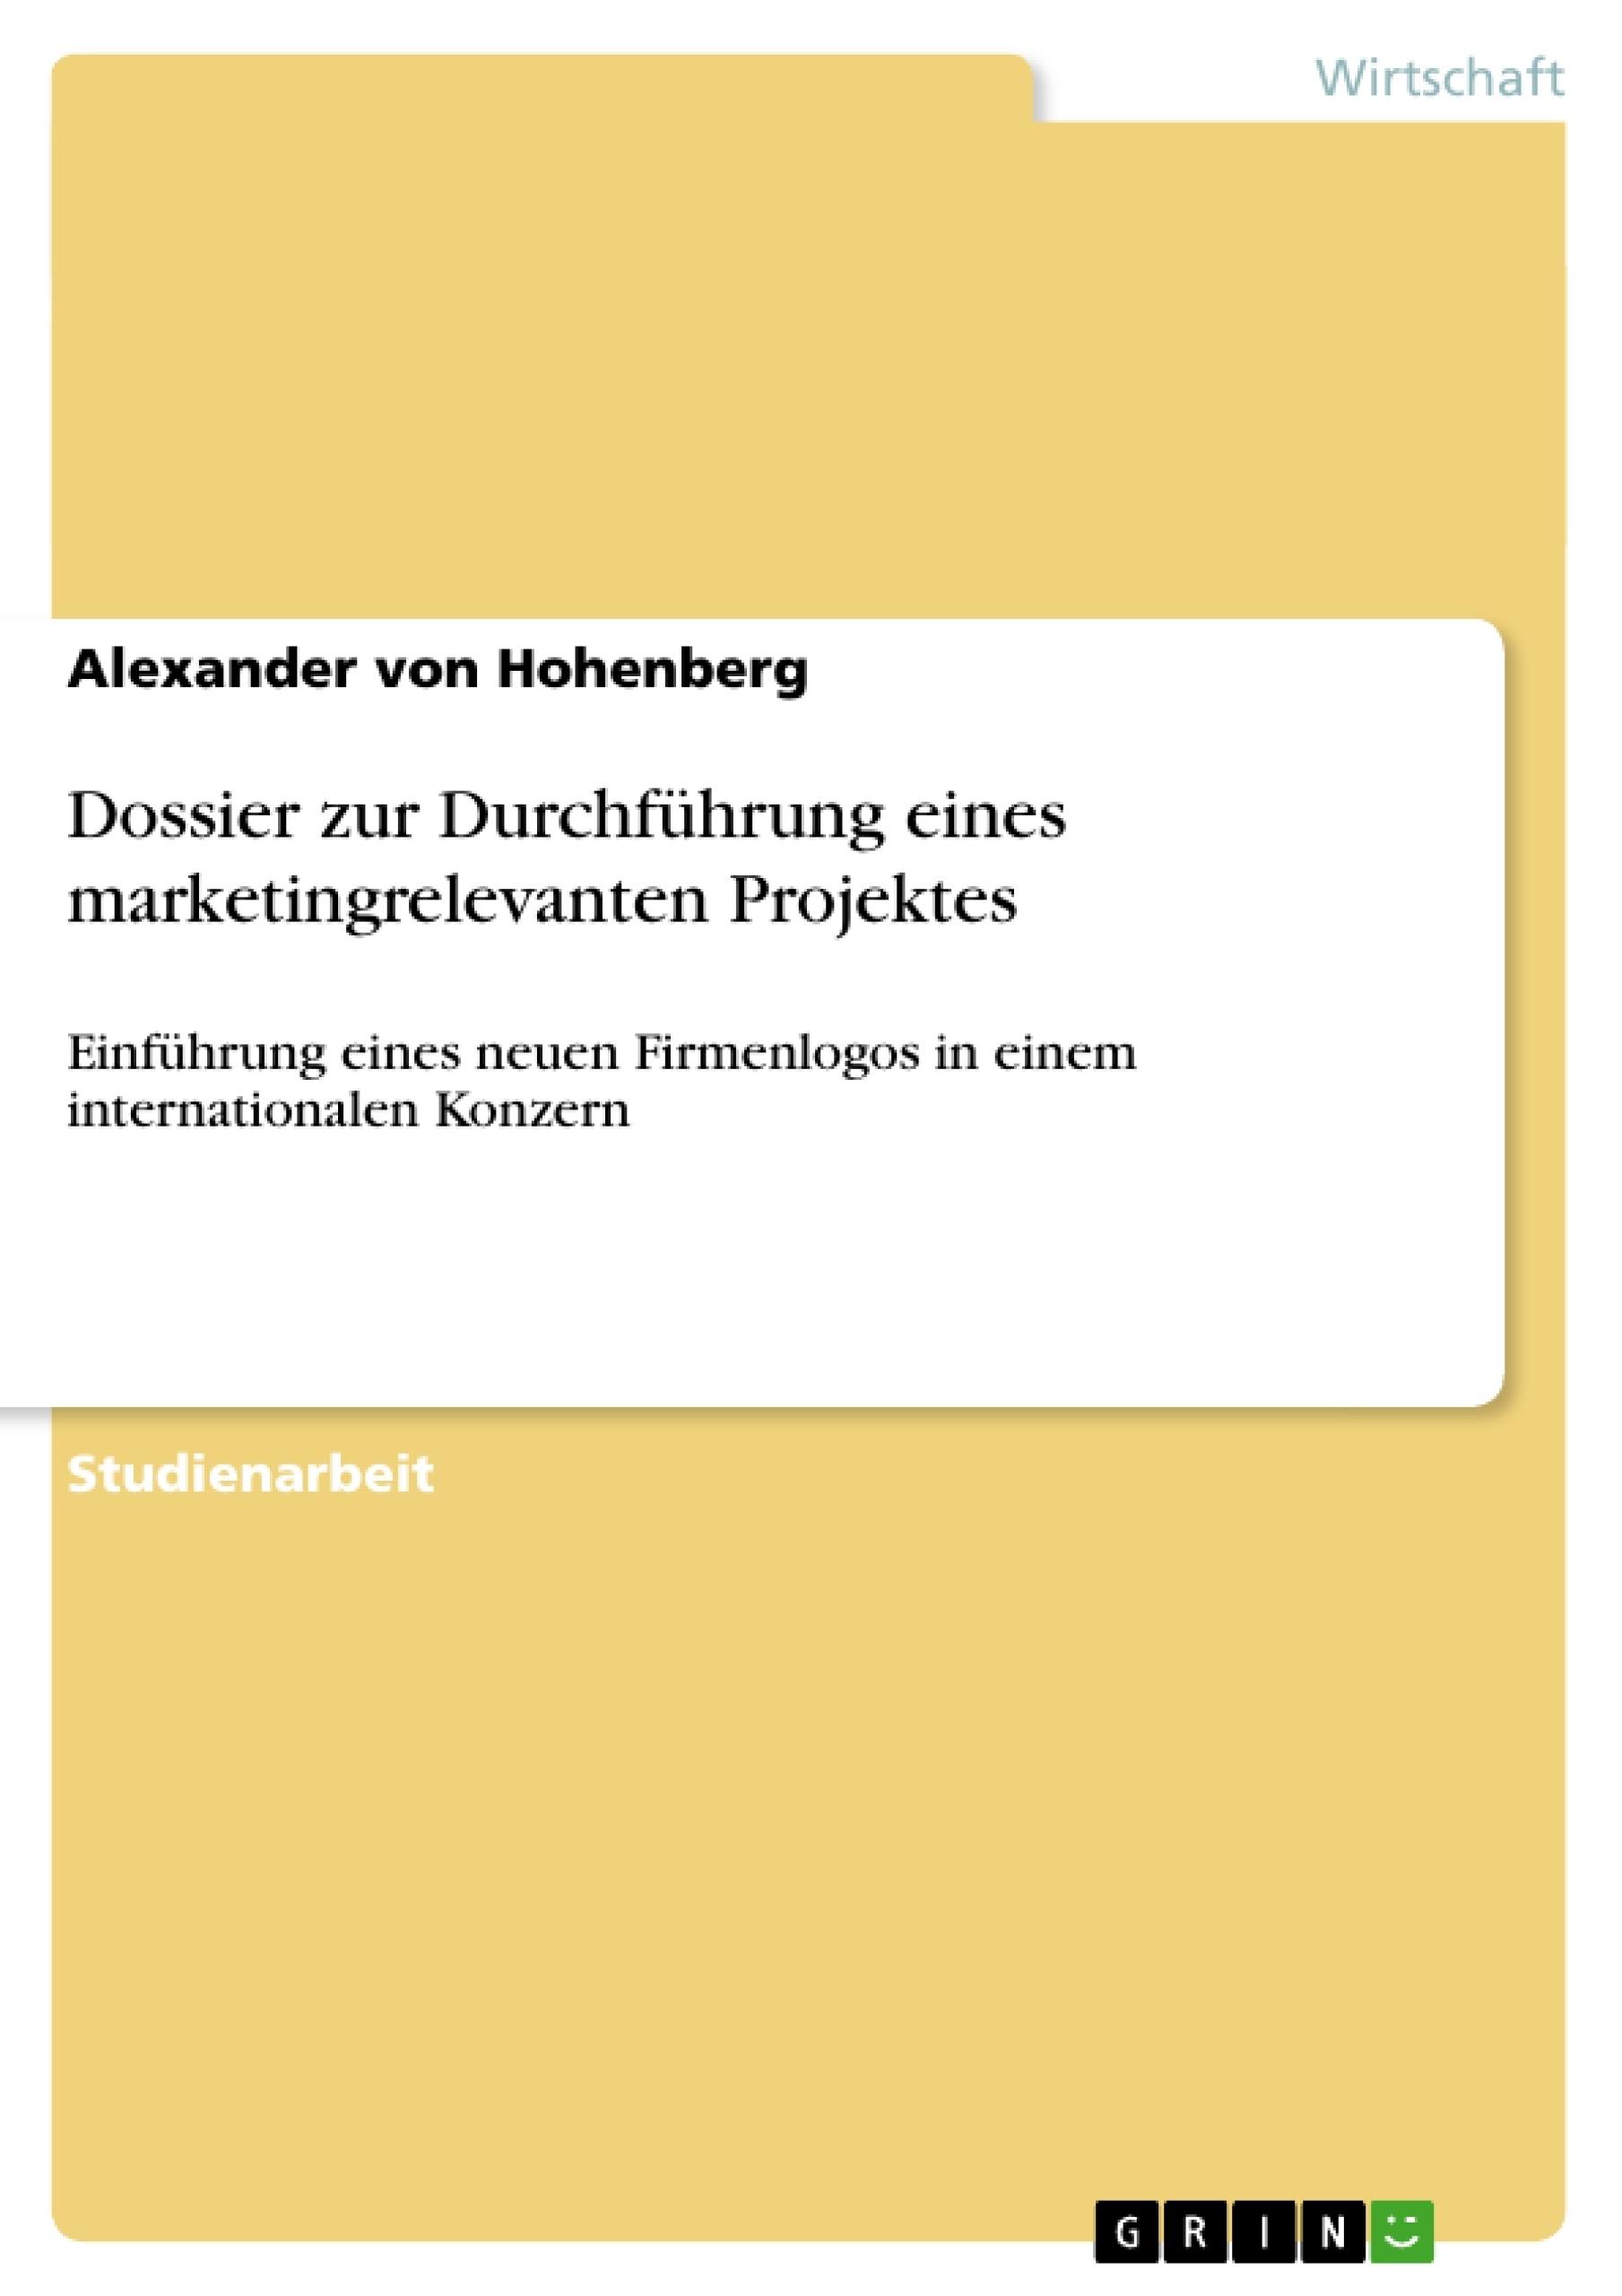 Titel: Dossier zur Durchführung eines marketingrelevanten Projektes